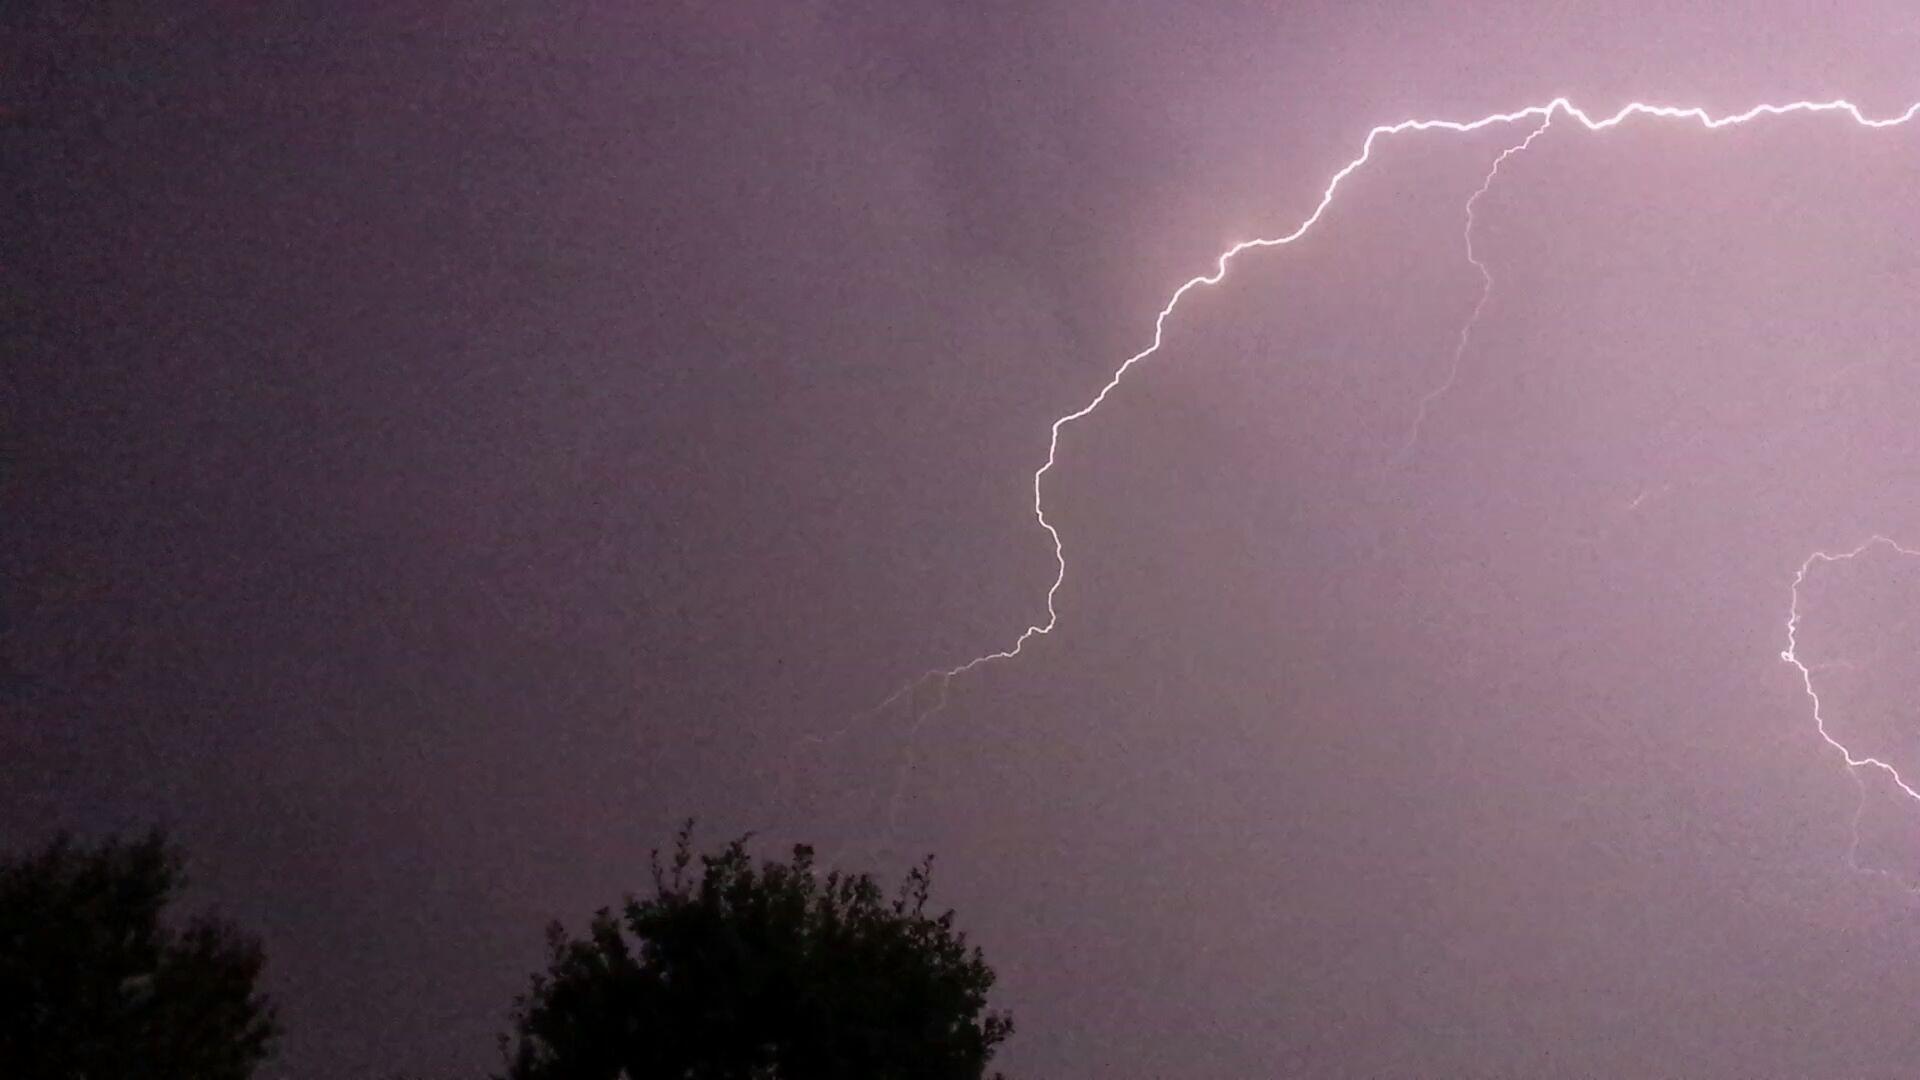 Synoptycy ostrzegają przed silnymi burzami